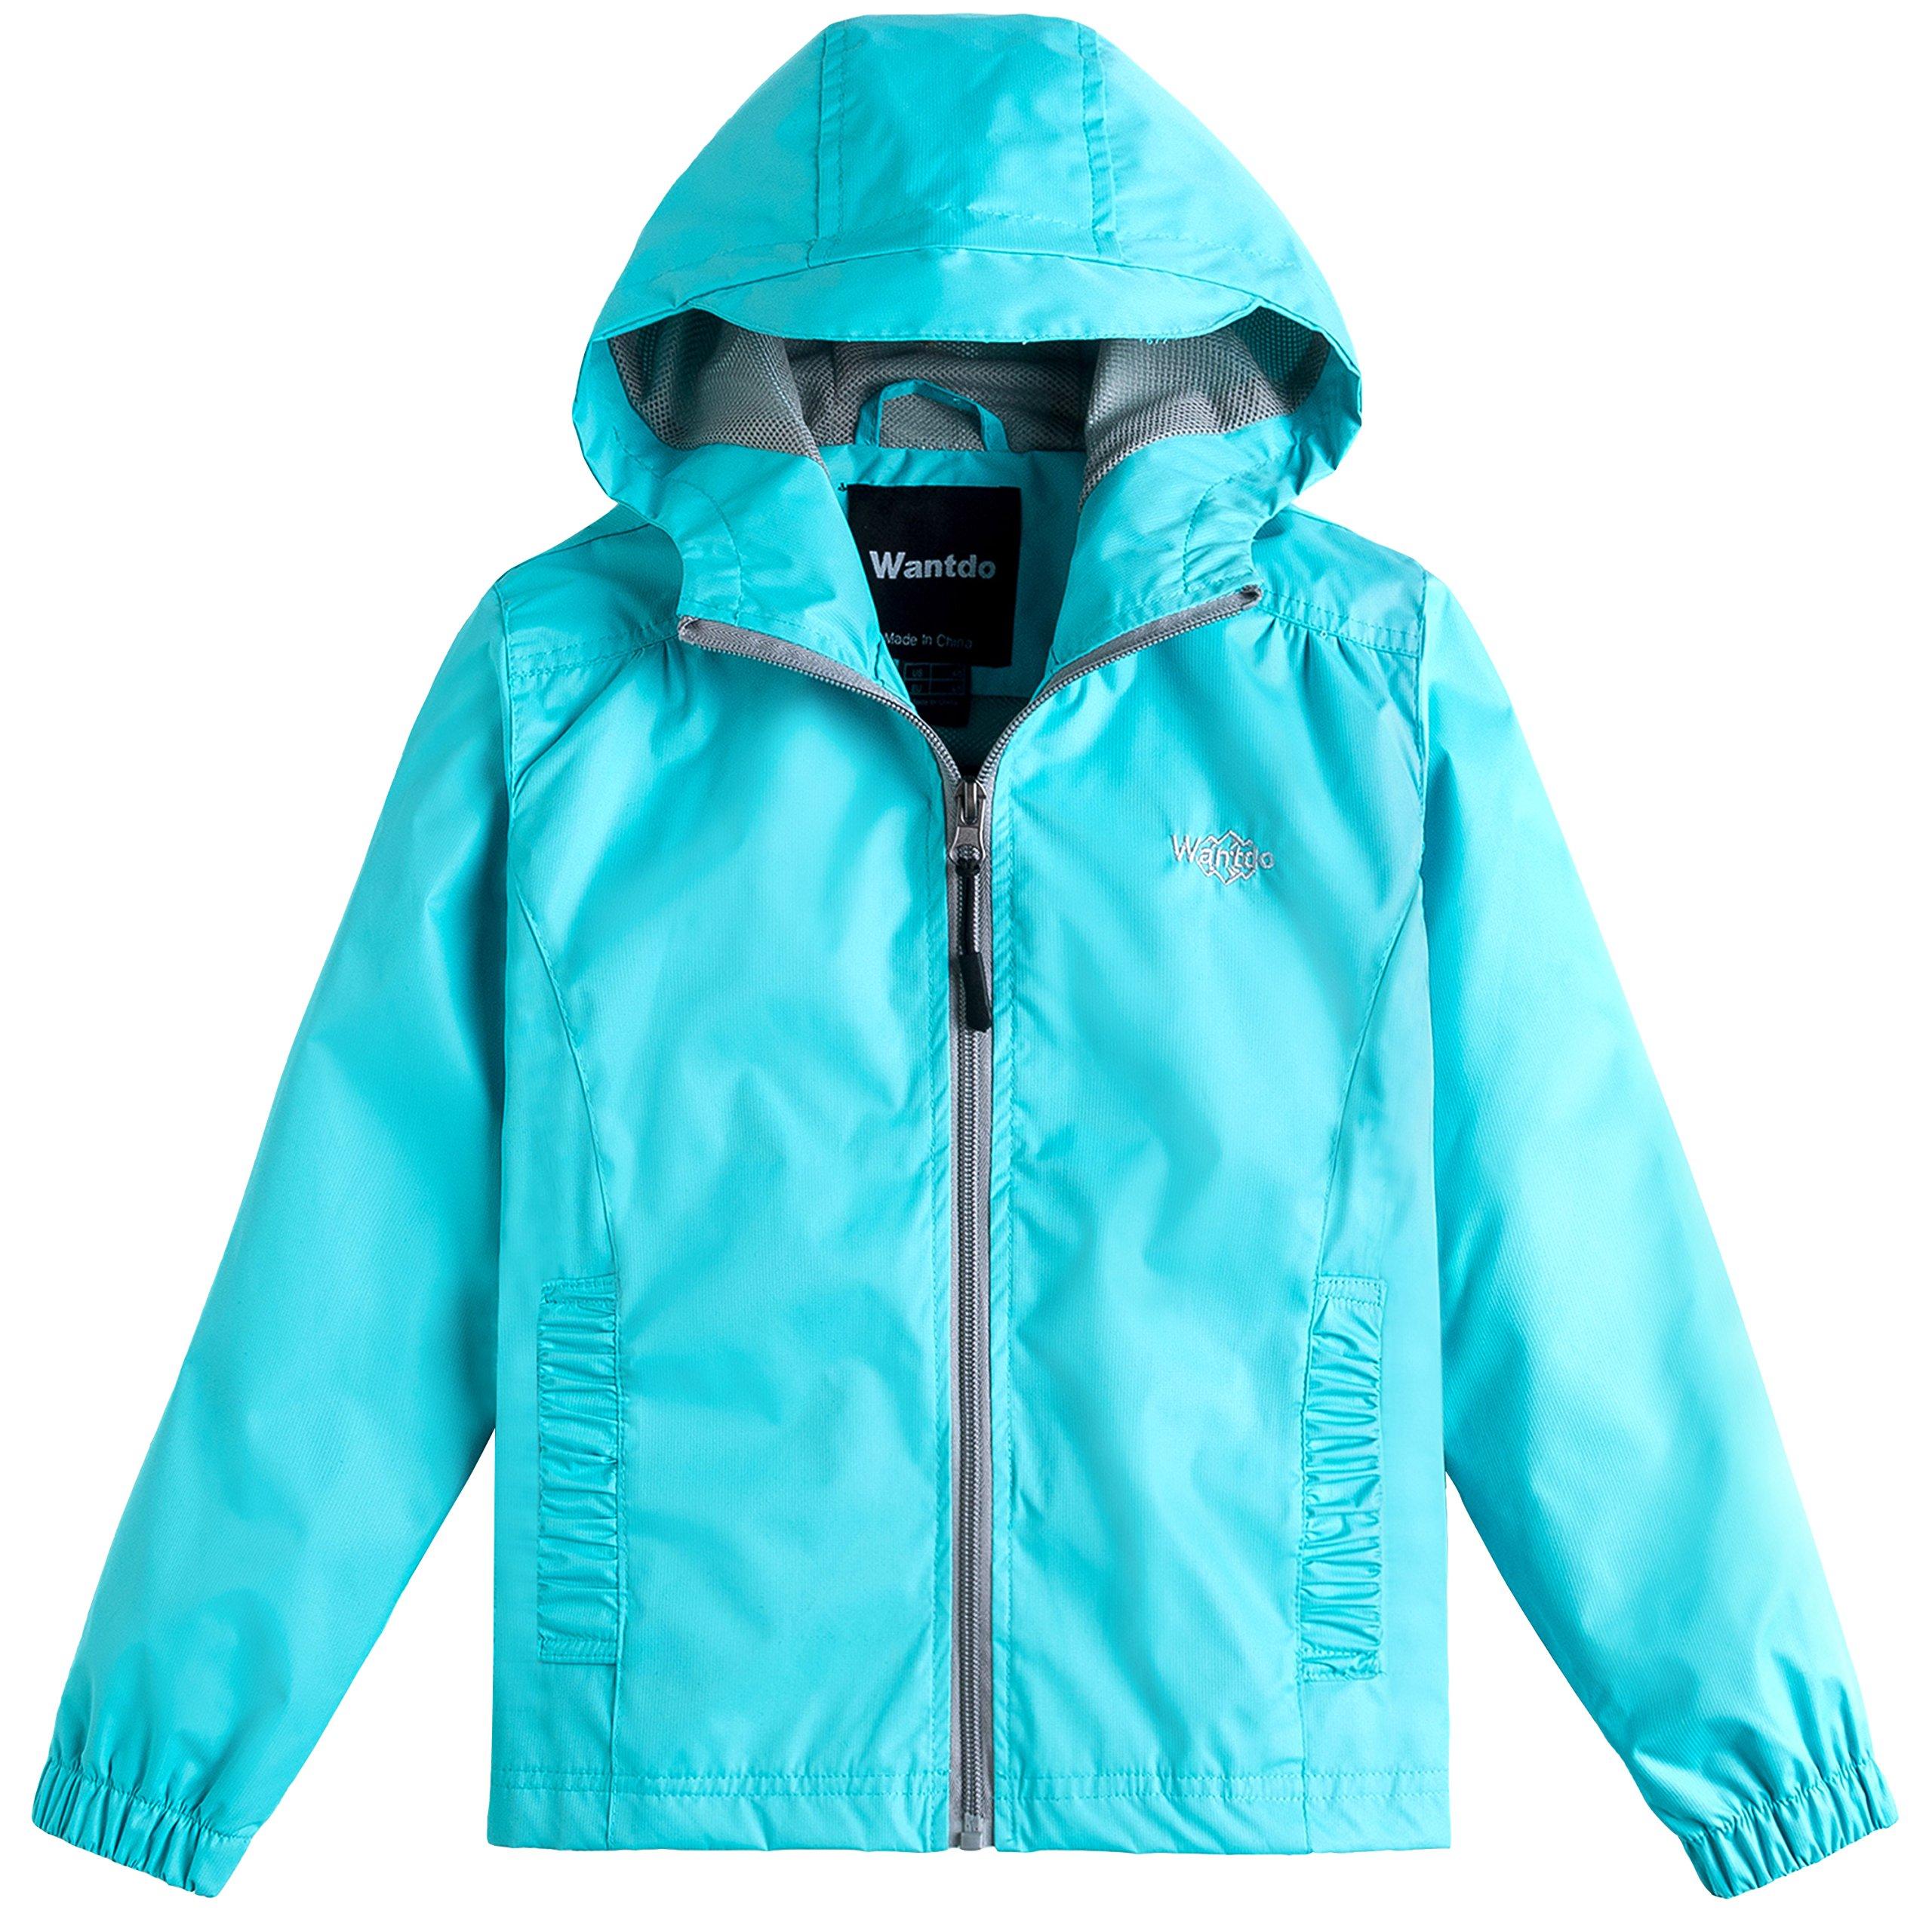 Wantdo Girl's Ultra Light Jacket Hooded Rain Wear Traveling Light Blue 14/16 by Wantdo